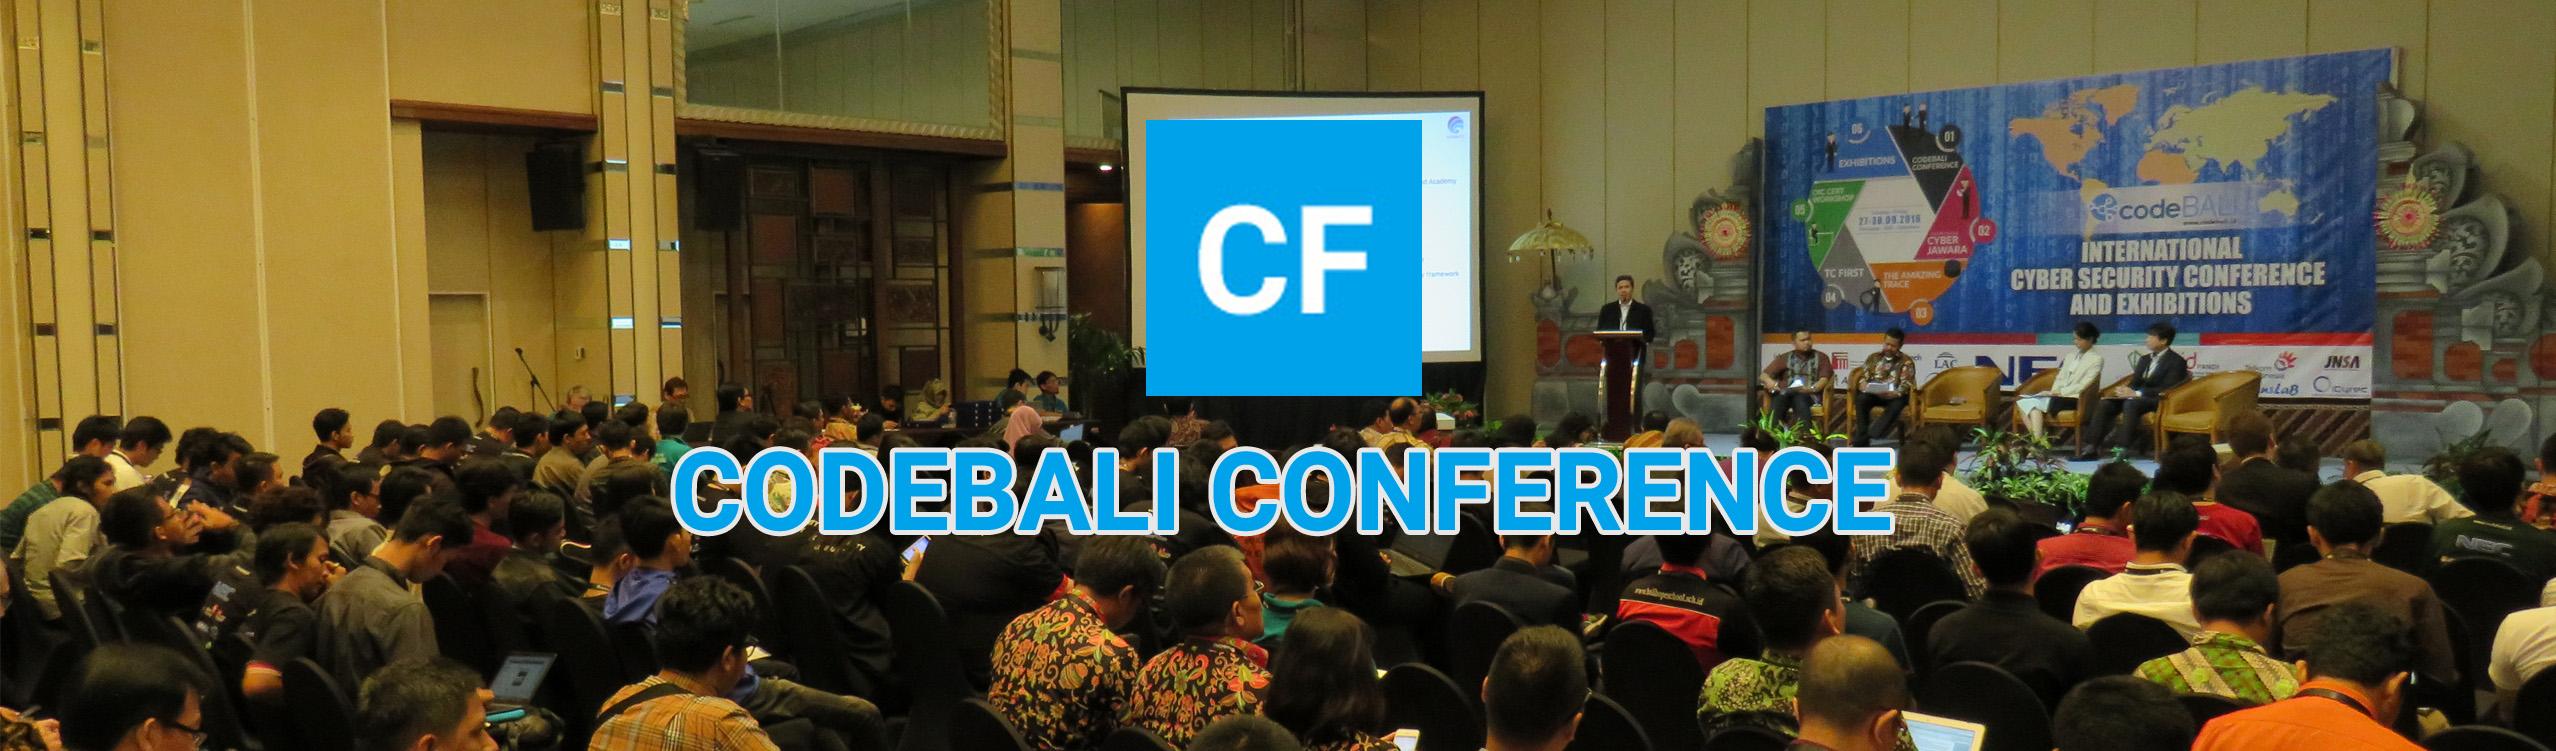 CODEBALI conference